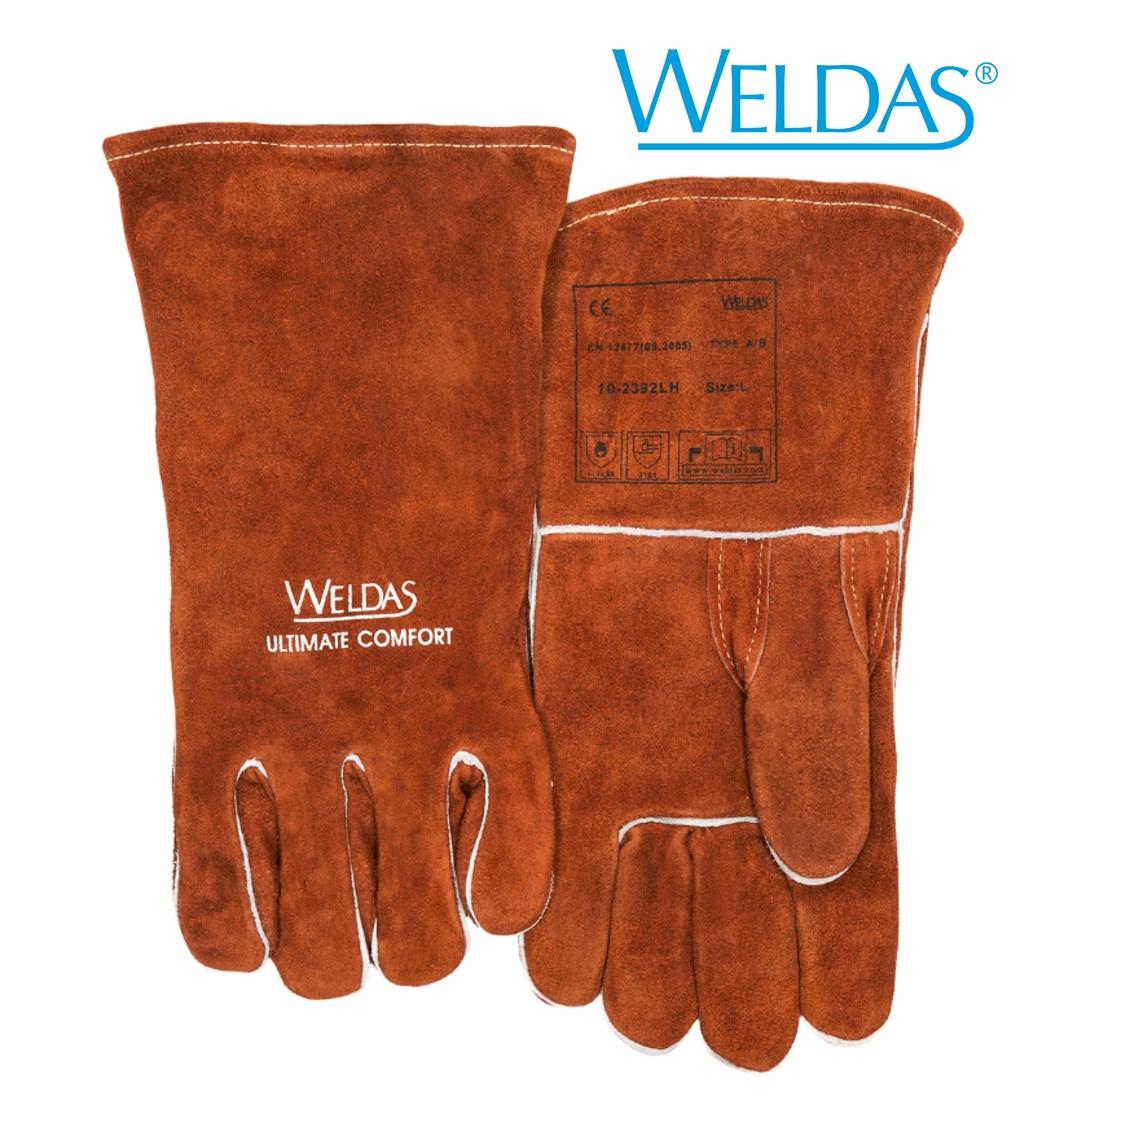 Luva WELDAS para MIG MAG e ELETRODO 10-2392